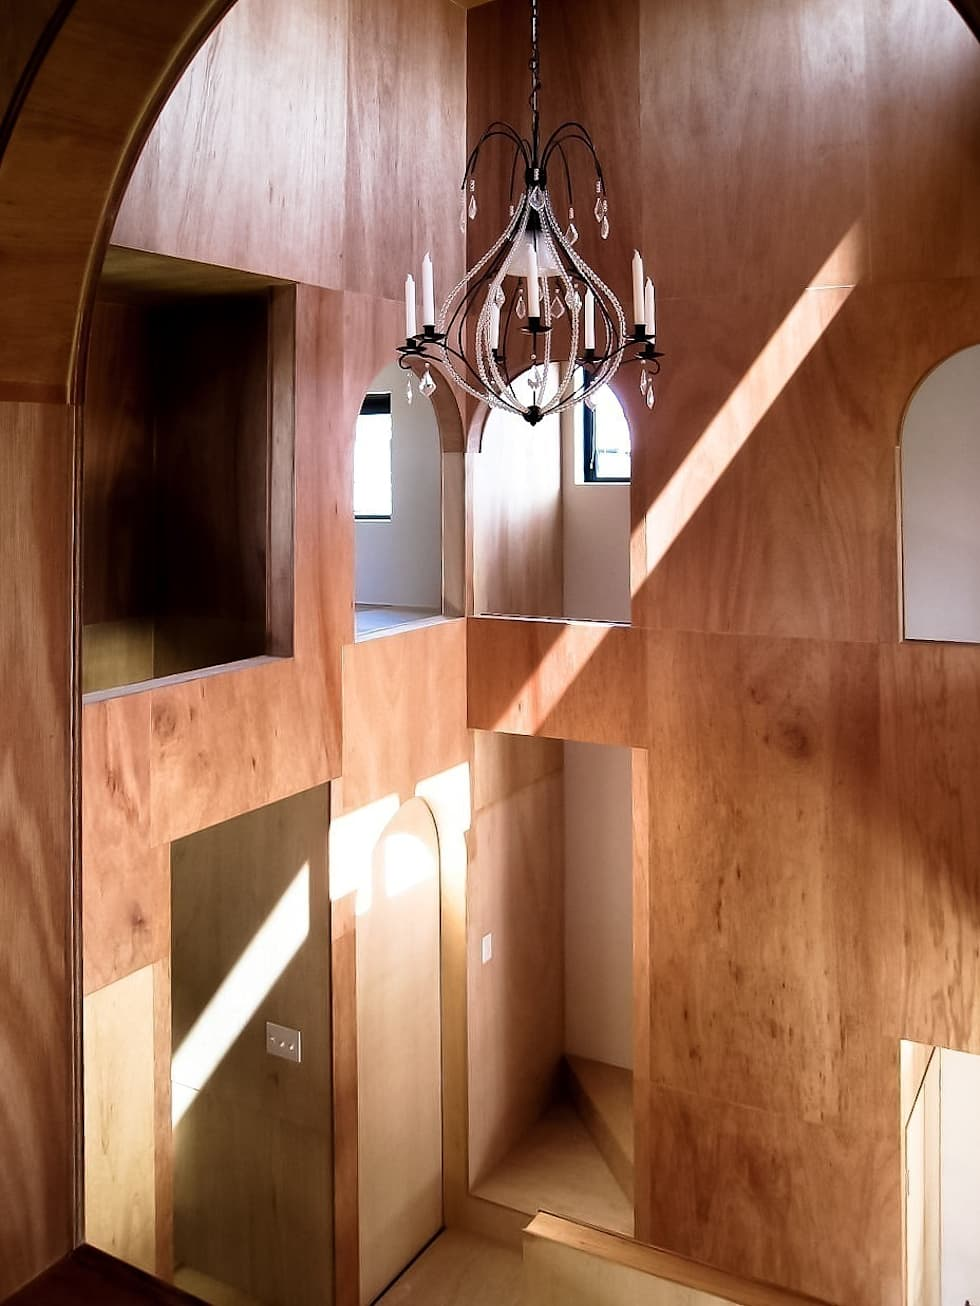 Ik-house: AtelierorB  が手掛けたリビングです。